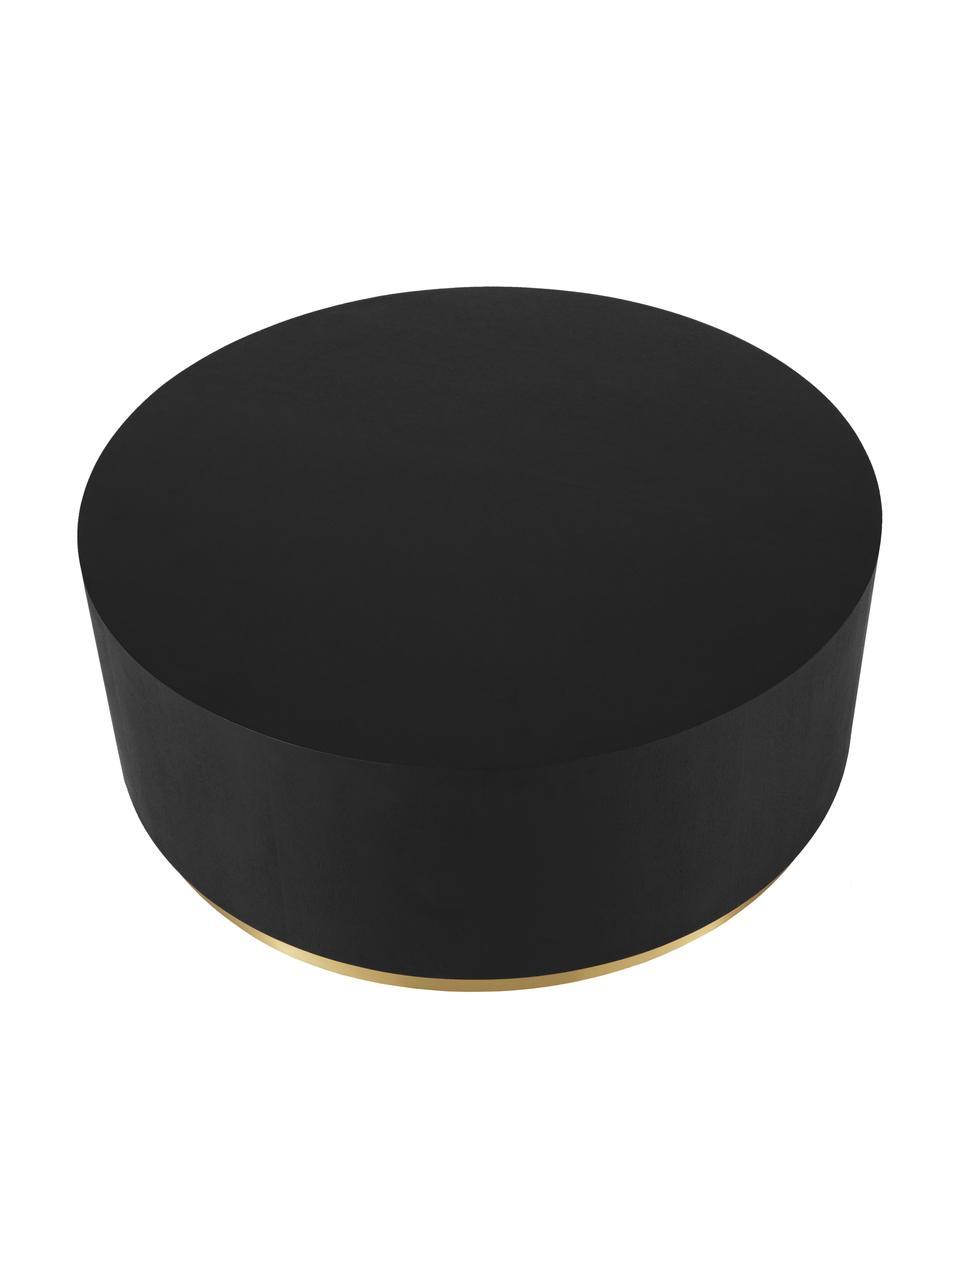 Ronde XL-salontafel Clarice in zwart, Frame: MDF met eikenhoutfineer, Voet: gecoat metaal, Frame: zwart gelakt eikenhout. Voet: goudkleurig, Ø 90 x H 35 cm